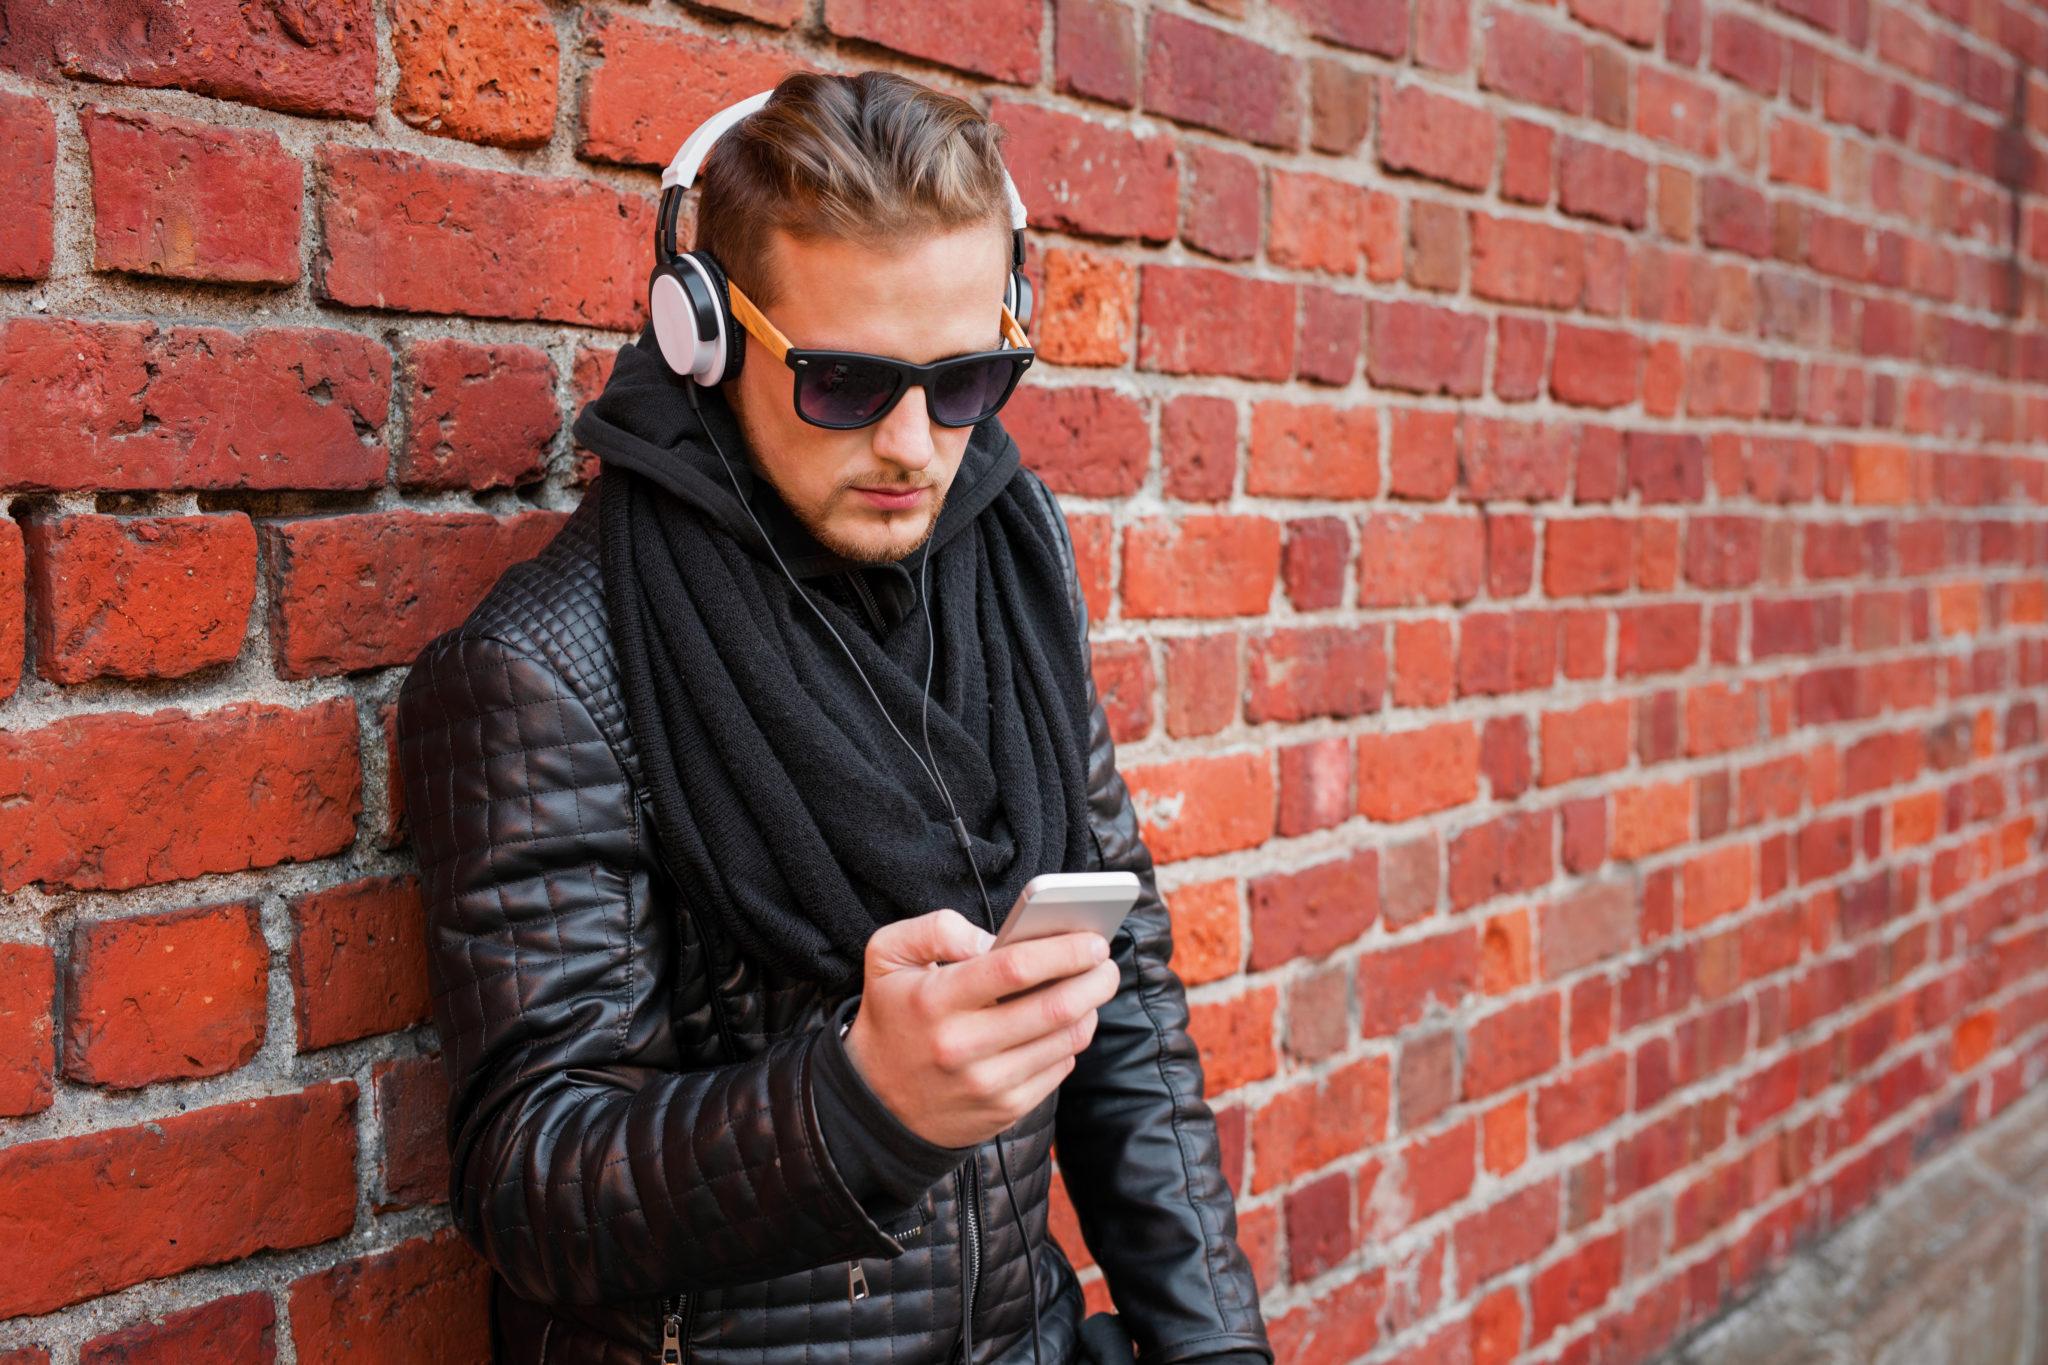 Ein junger Mann hört mit Kopfhörern von seinem Handy aus Musik.